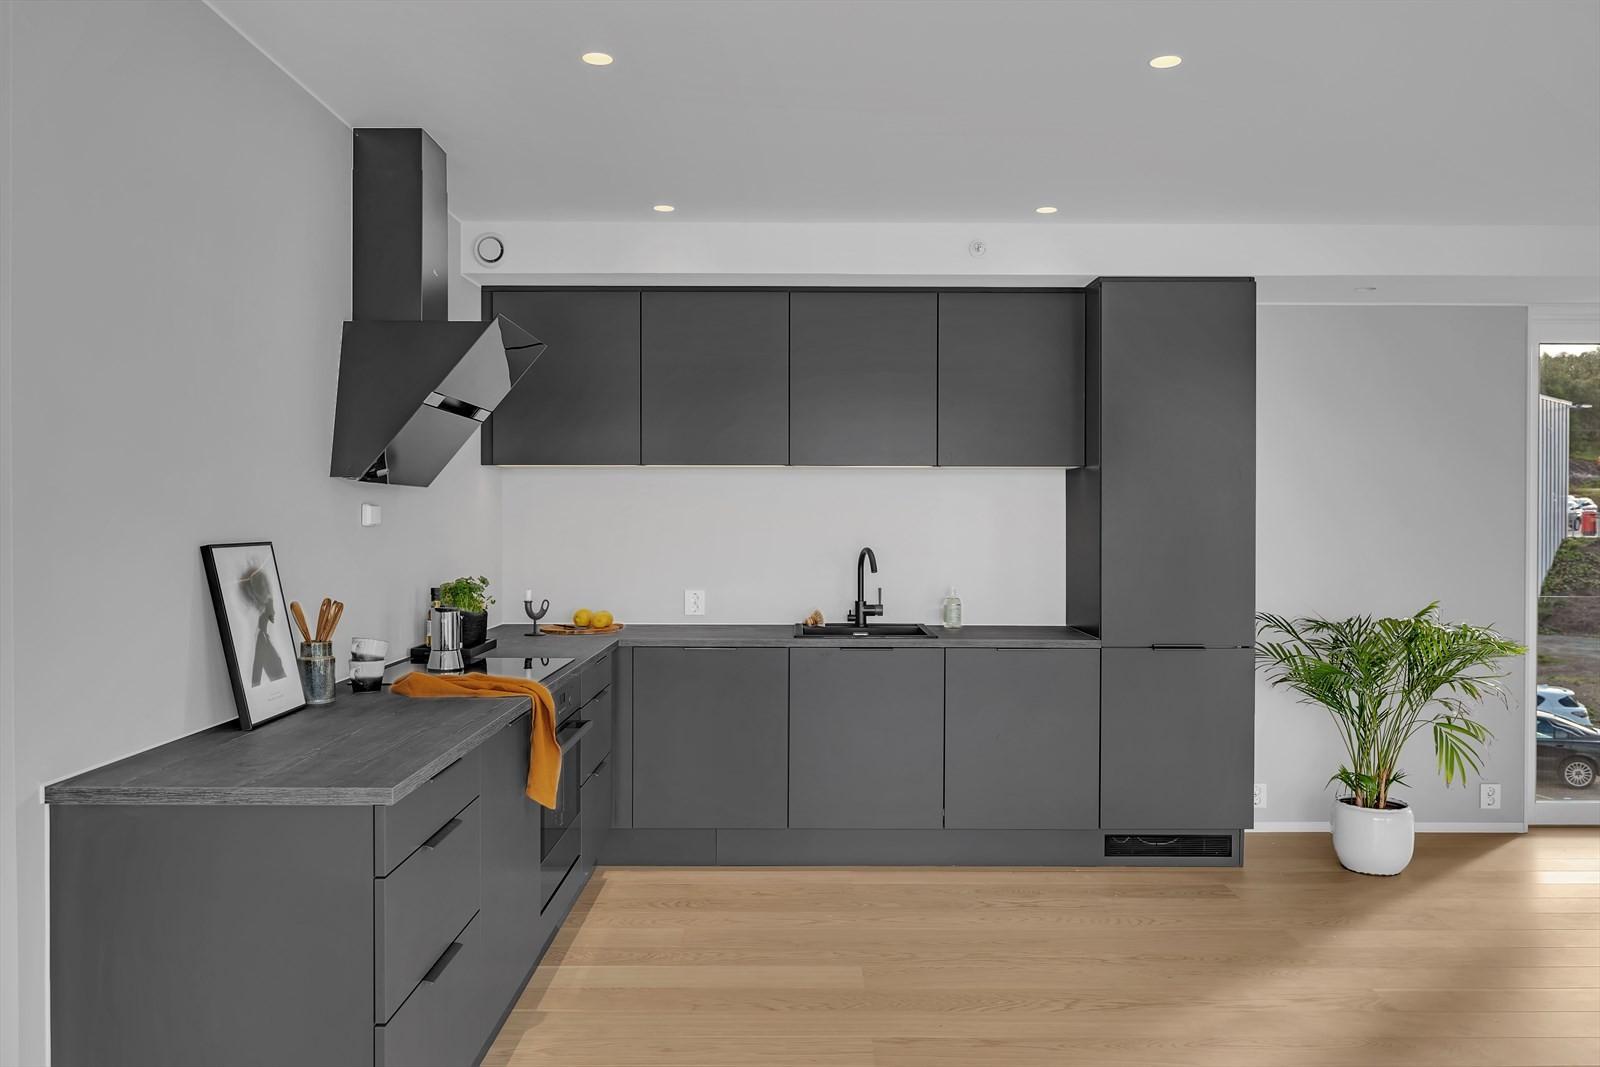 Moderne kjøkken med integrerte hvitevarer og down-lights